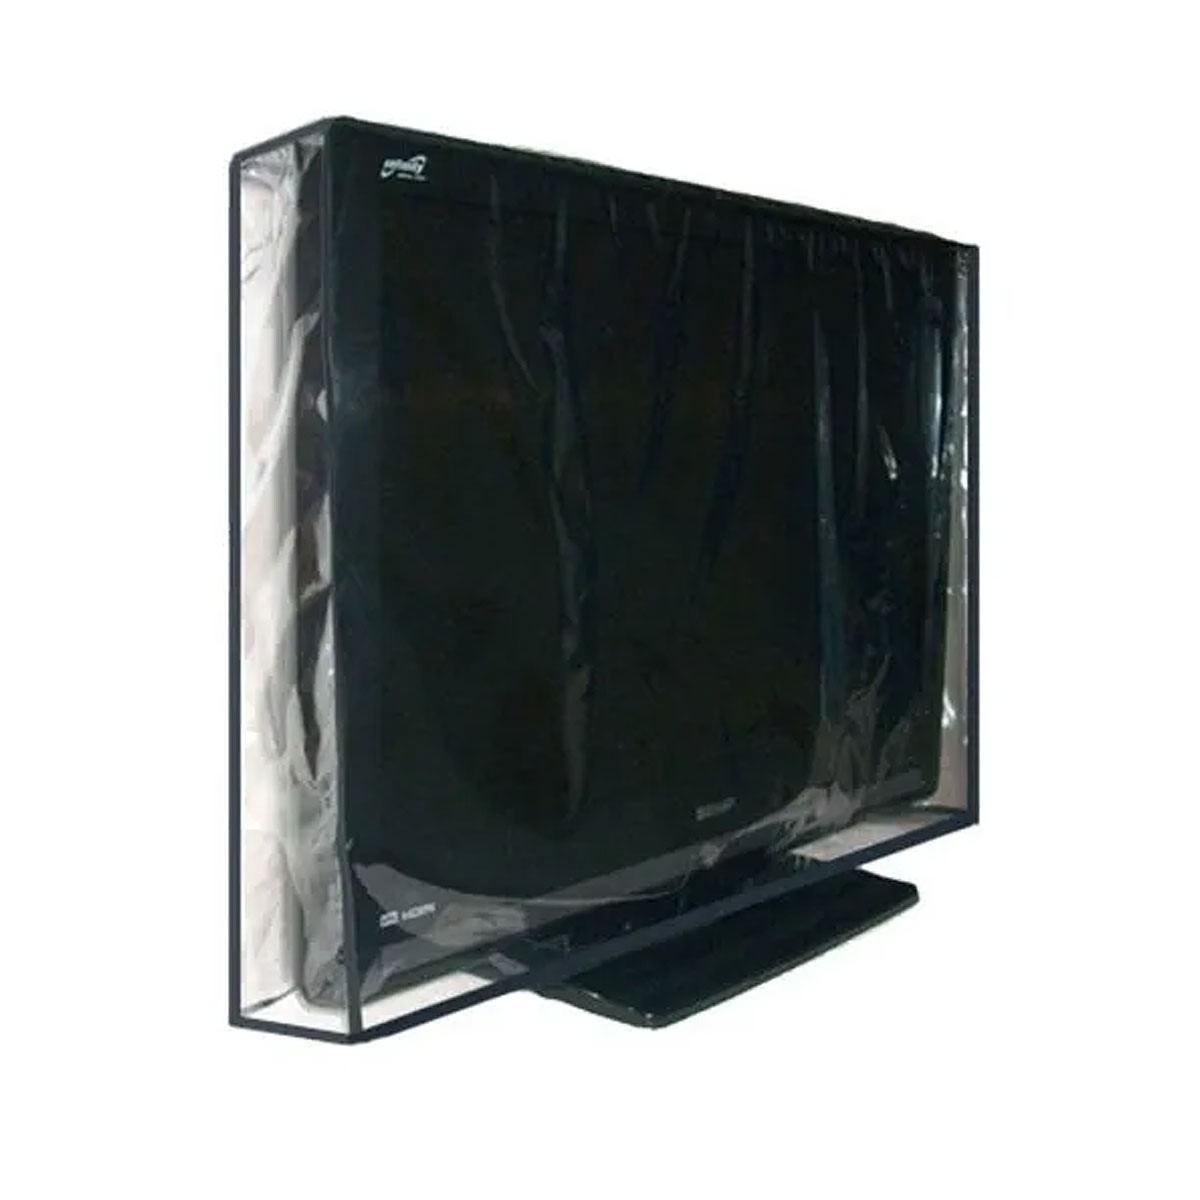 Capa Para Tv Led 40 Pvc Cristal - Fechada Atrás P/ Rack